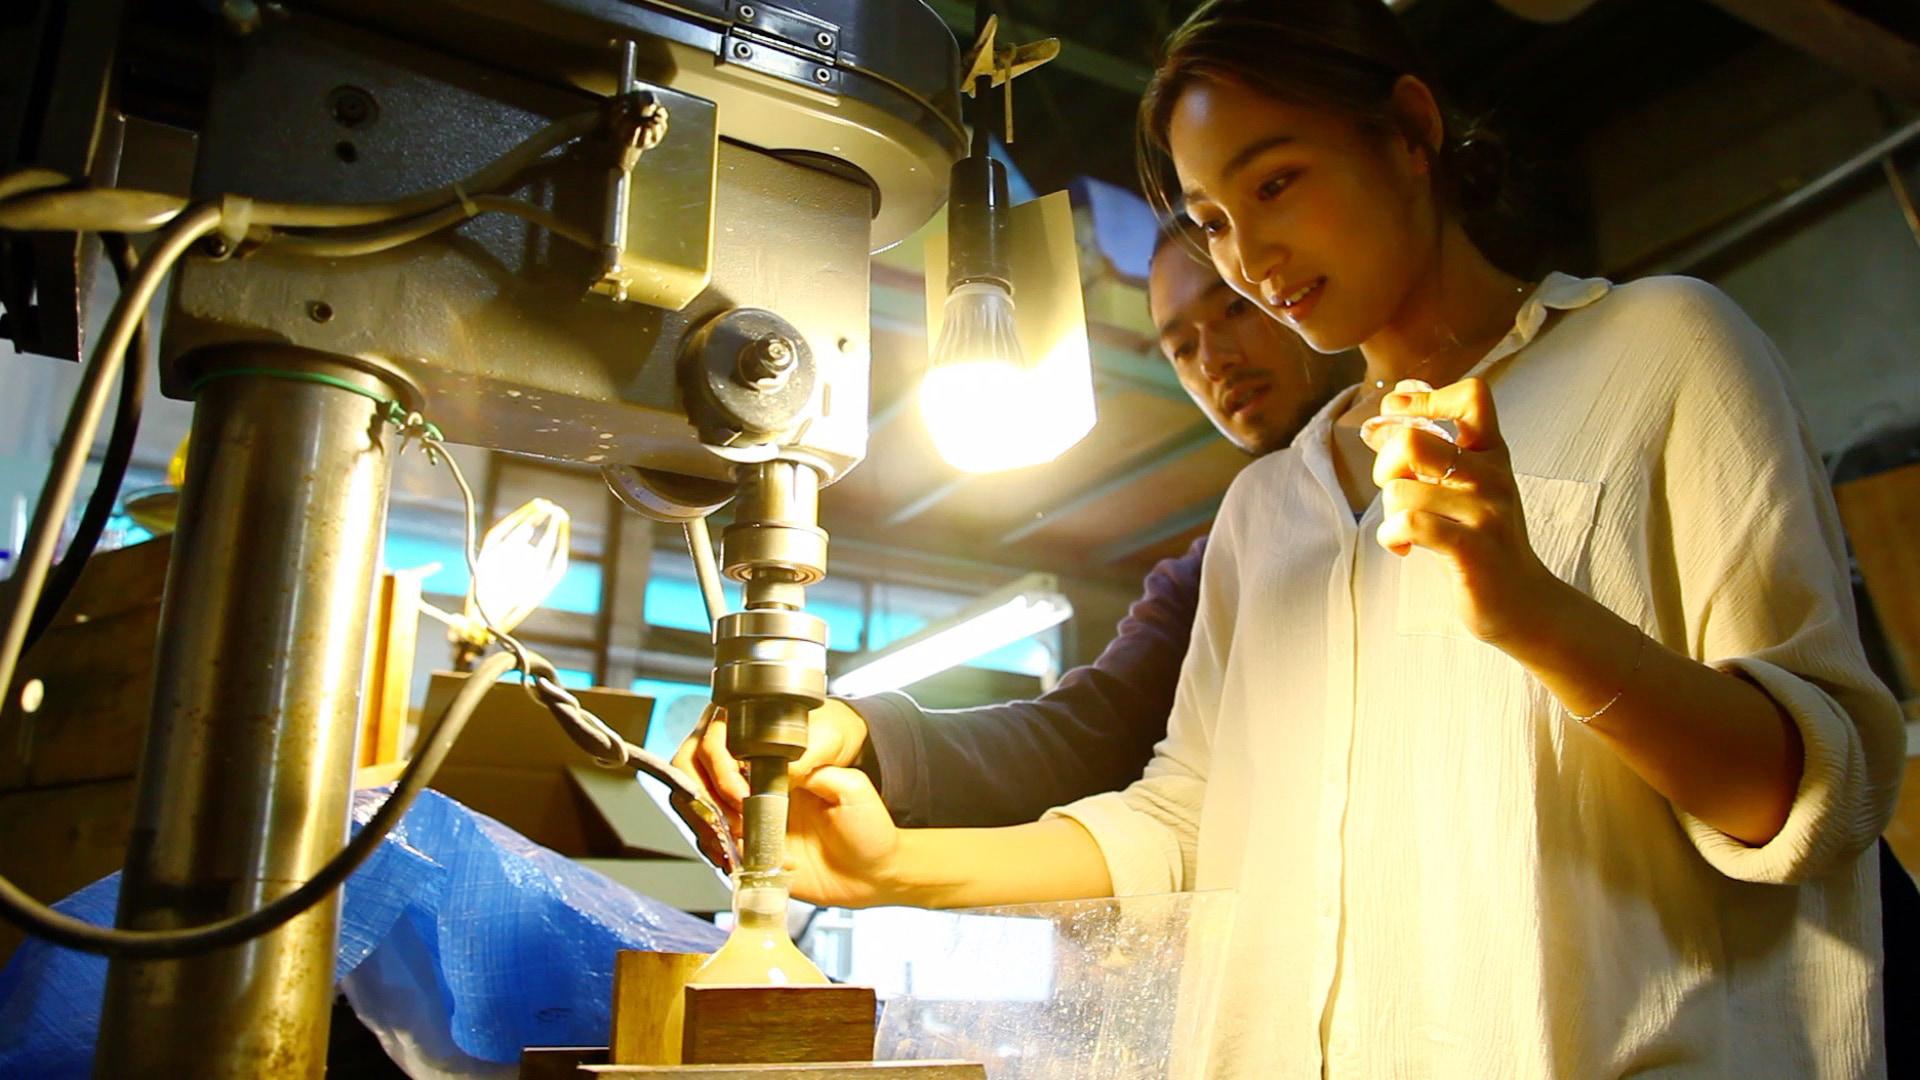 【ミニ旅:蔵前〜清澄白河④】伝統工芸品の魅力を肌で感じるガラス加工体験に挑戦!